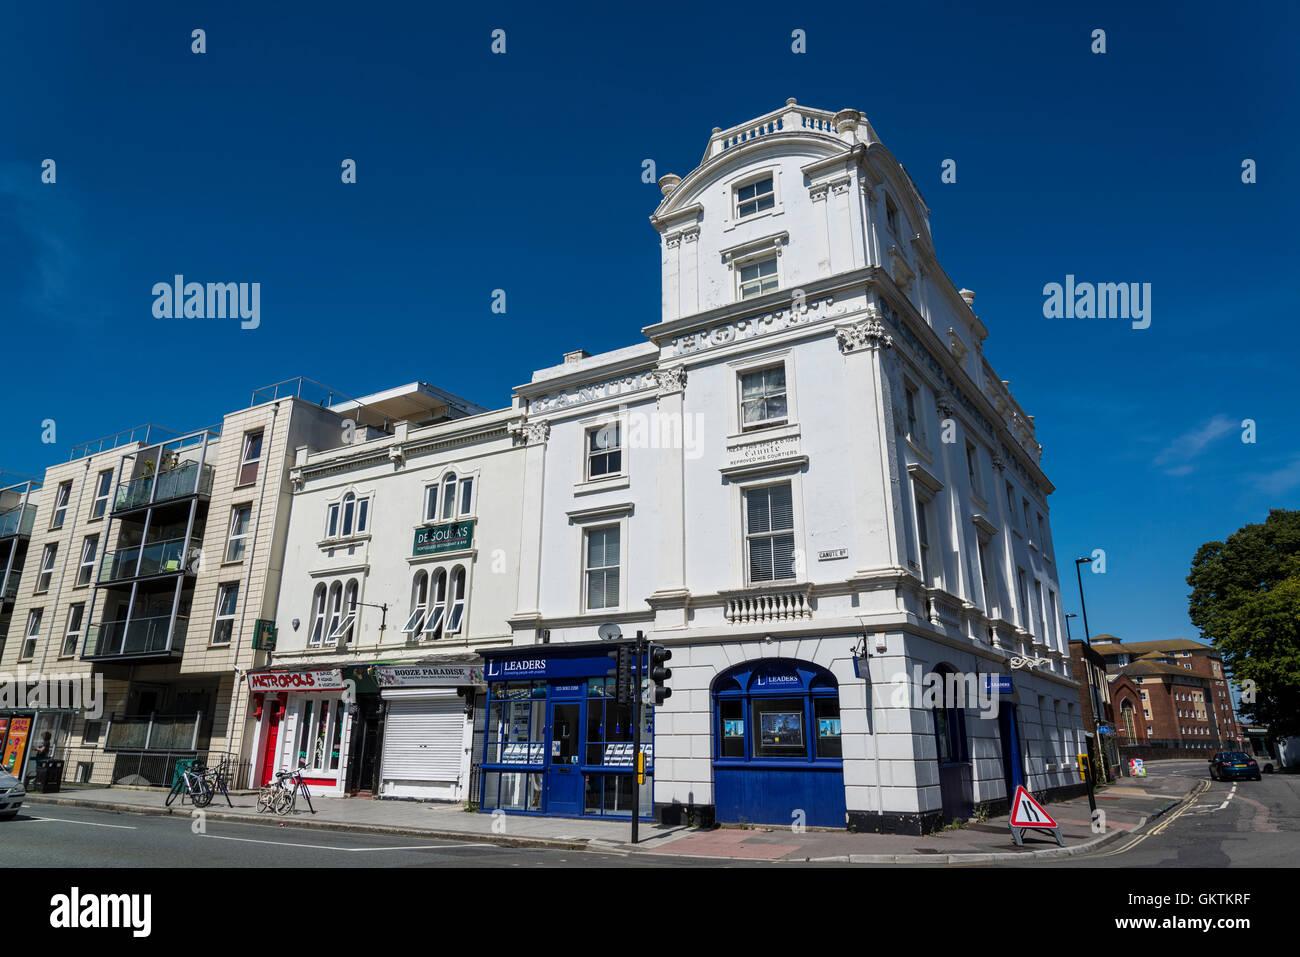 Canute Hotel, Southampton, Hampshire, England, UK - Stock Image